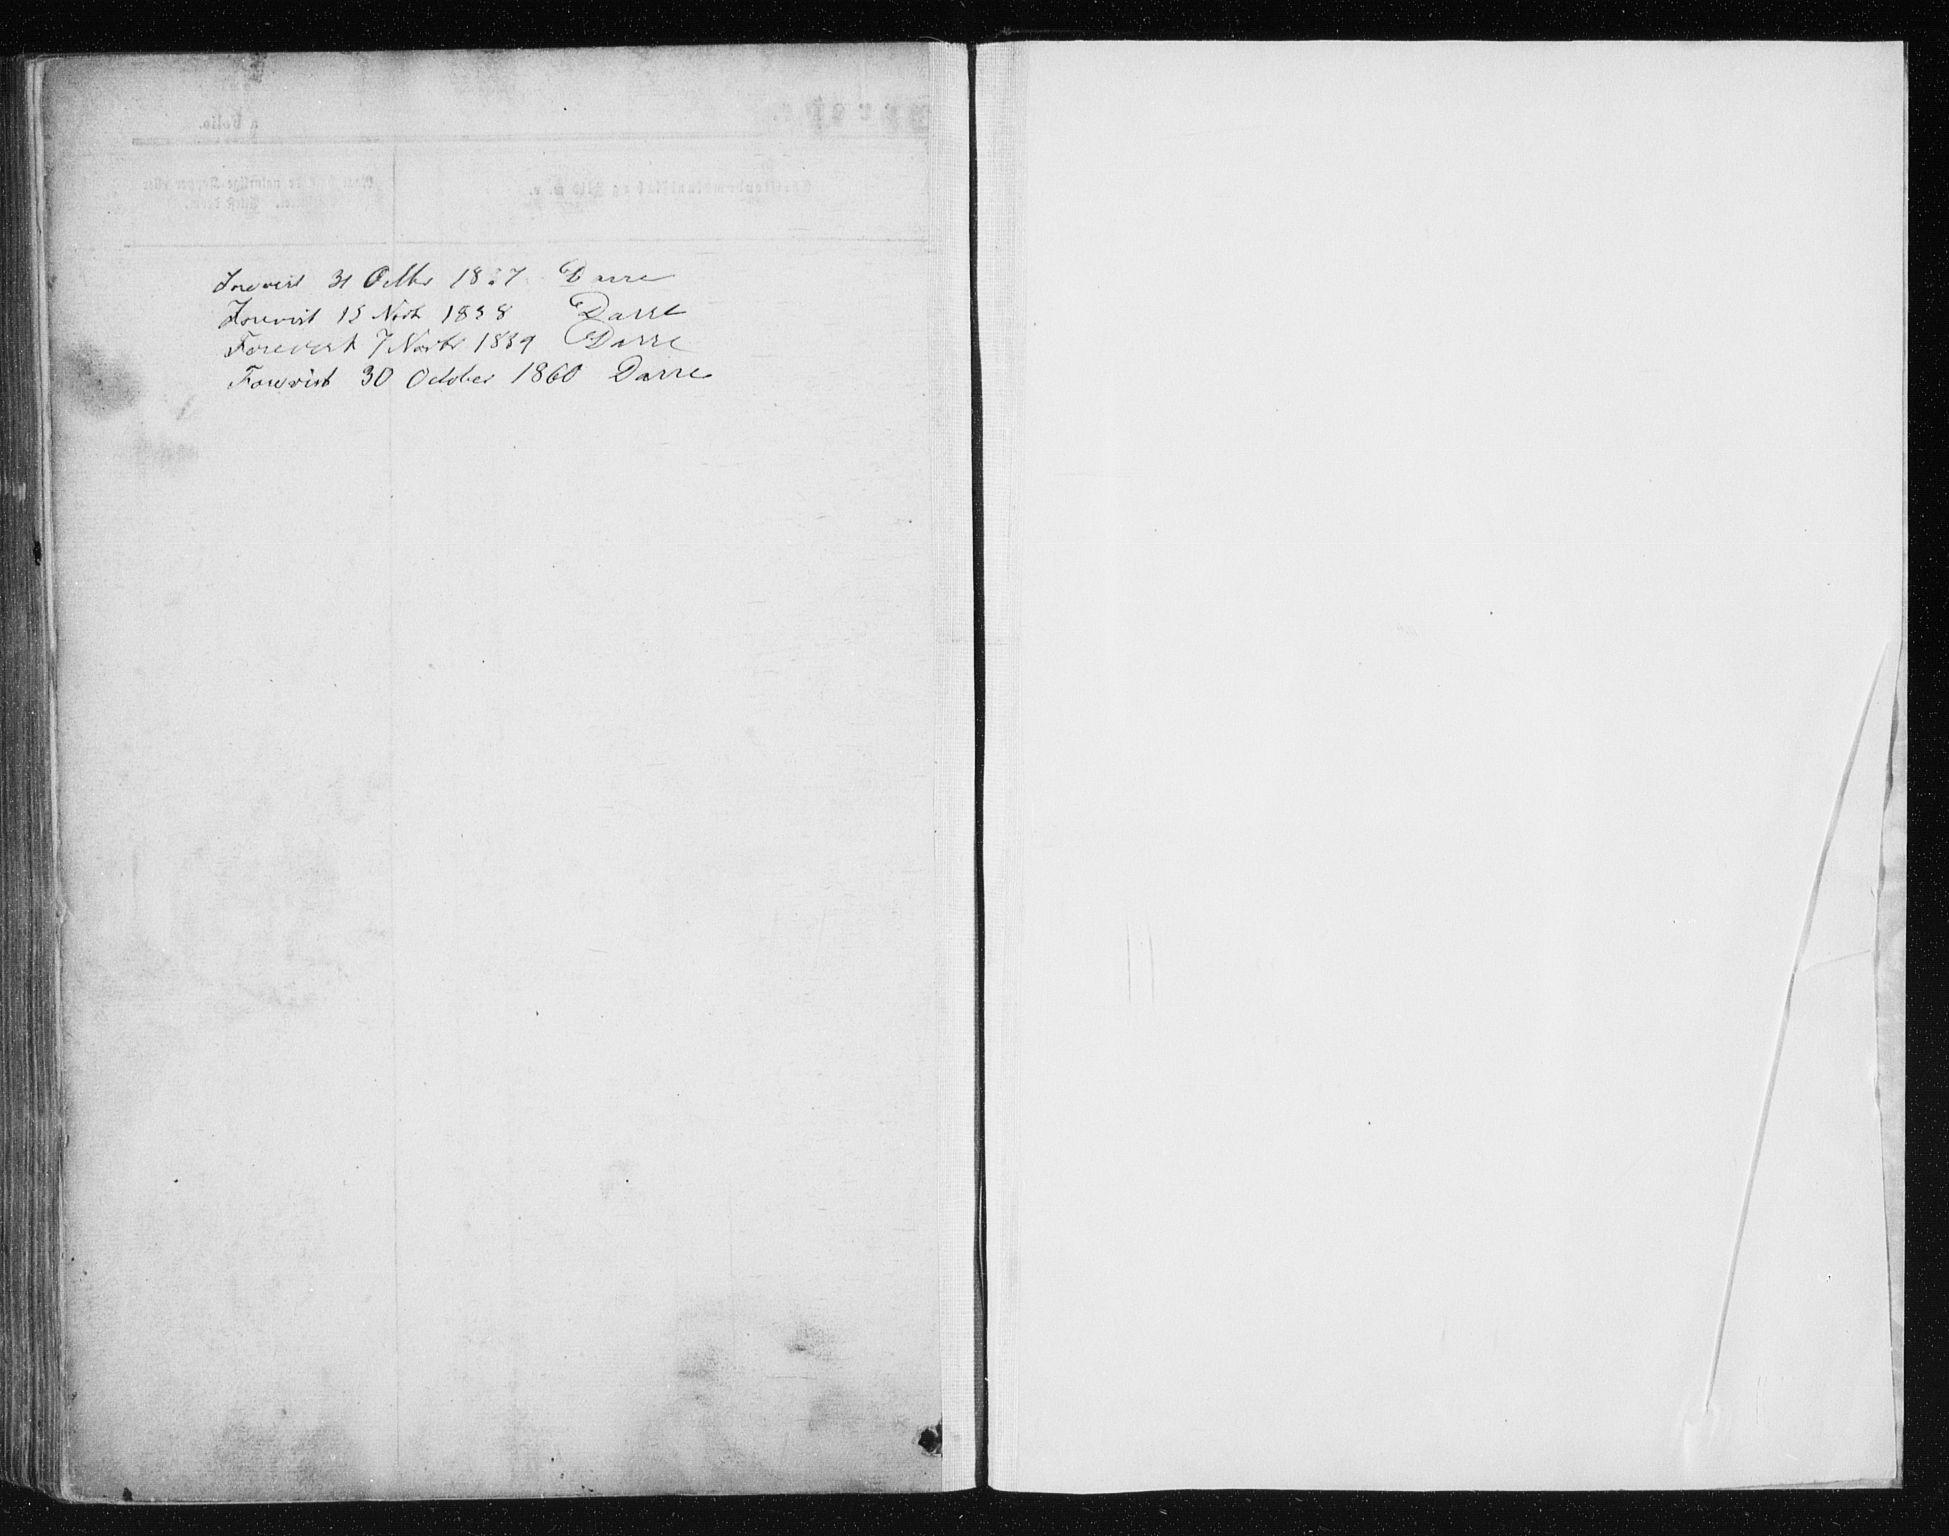 SAT, Ministerialprotokoller, klokkerbøker og fødselsregistre - Sør-Trøndelag, 602/L0114: Ministerialbok nr. 602A12, 1856-1872